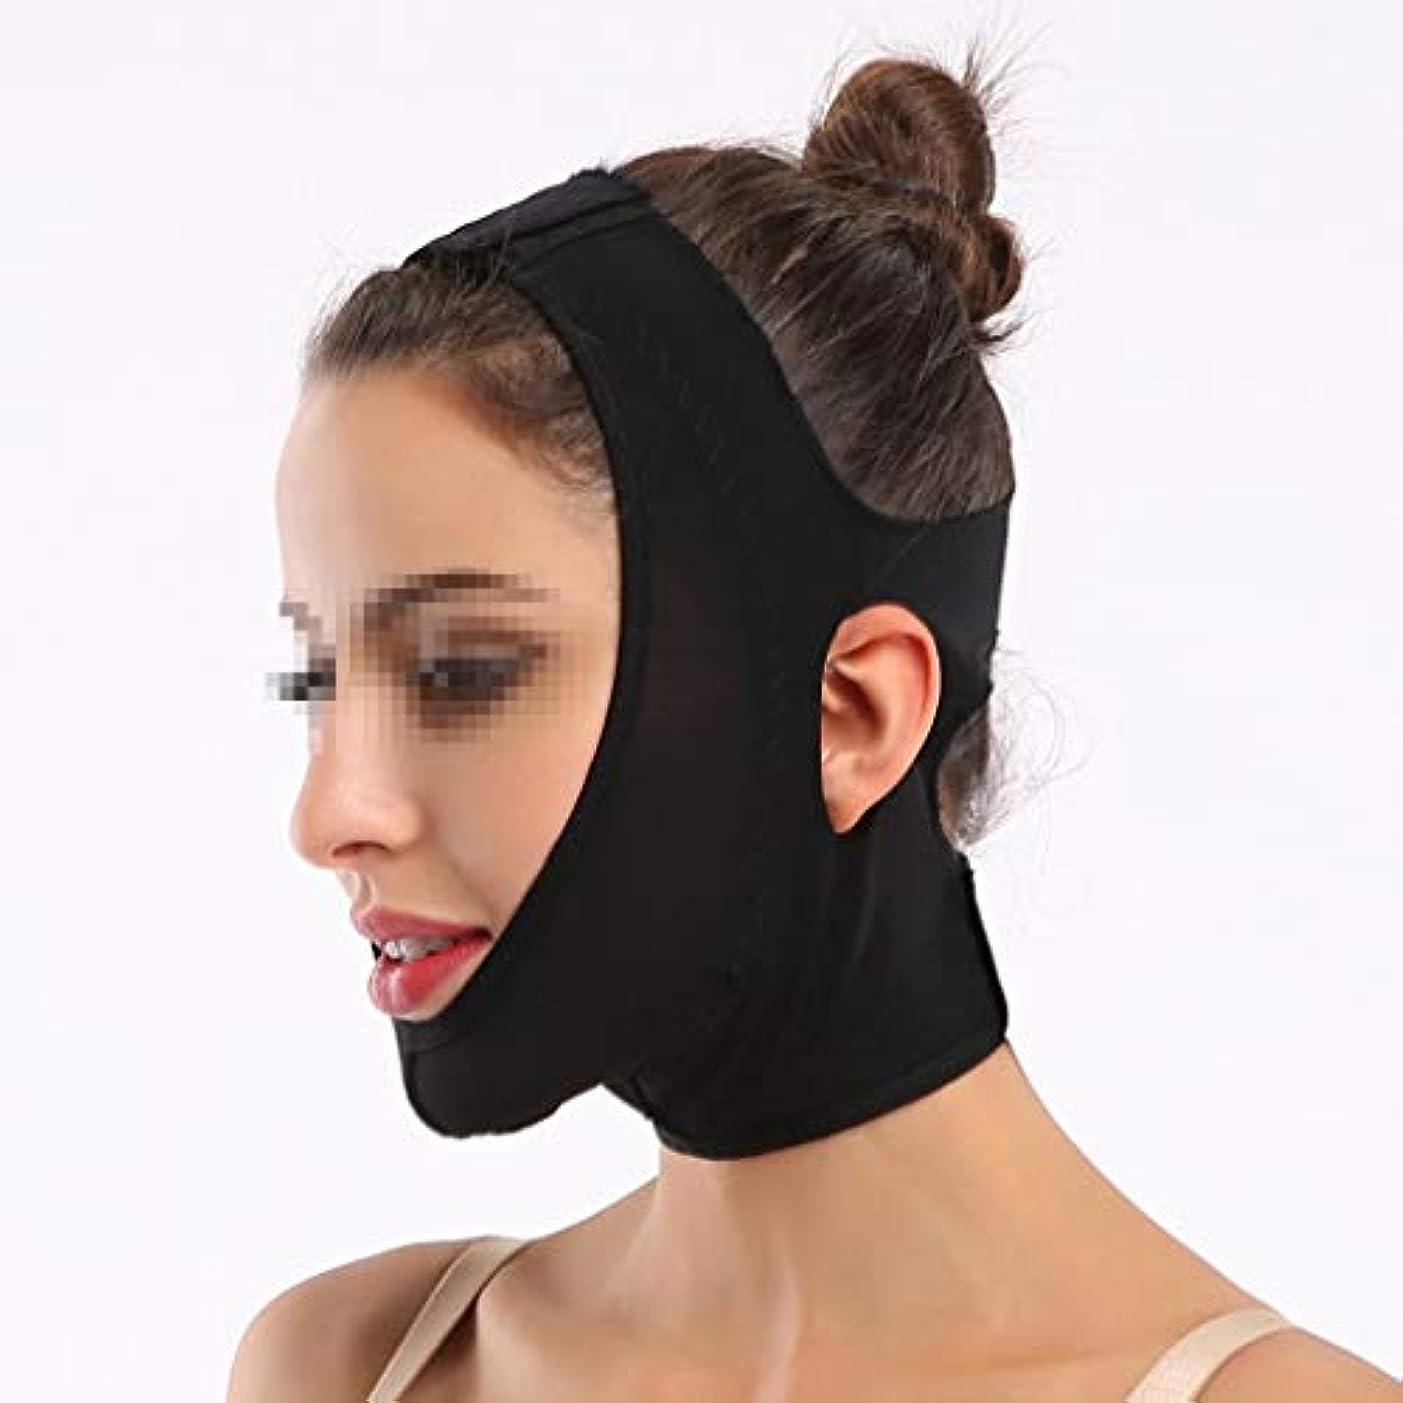 監督する他のバンドでリングVフェイスマスク、包帯マスクを持ち上げて引き締めるスキニービューティーサロン1日2時間Vフェイスマッサージ術後回復